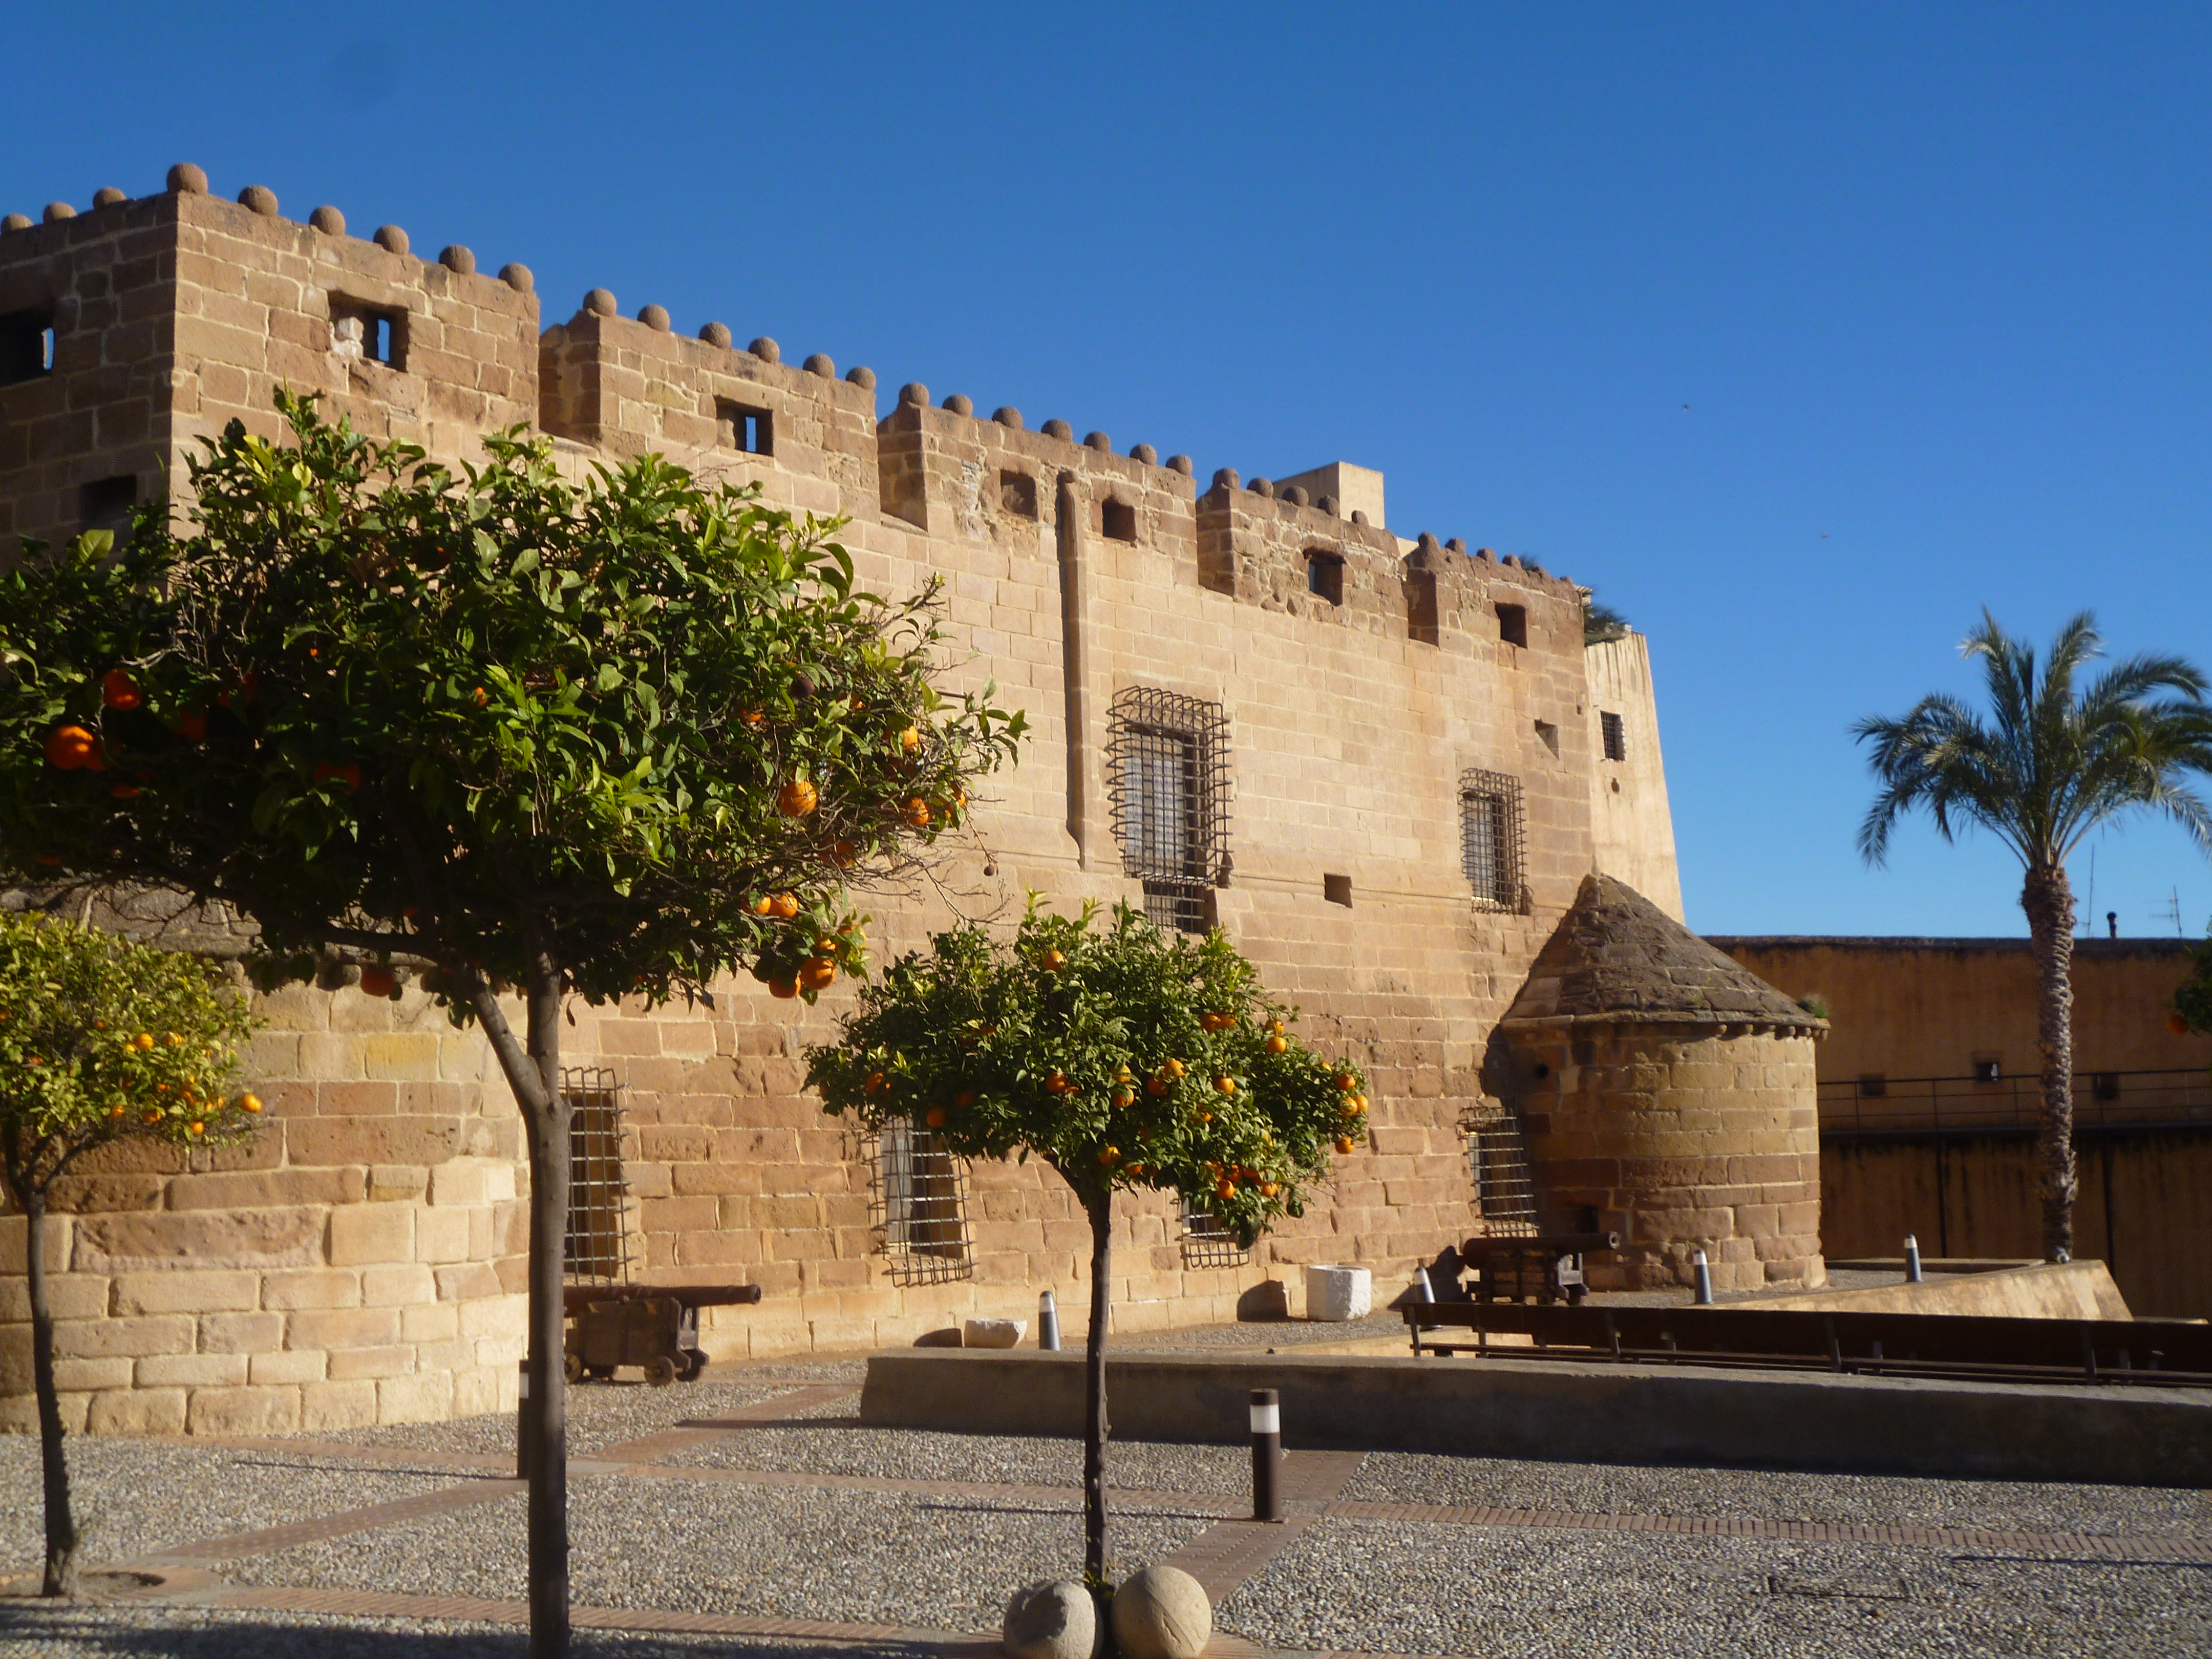 le castillo de Almanzora